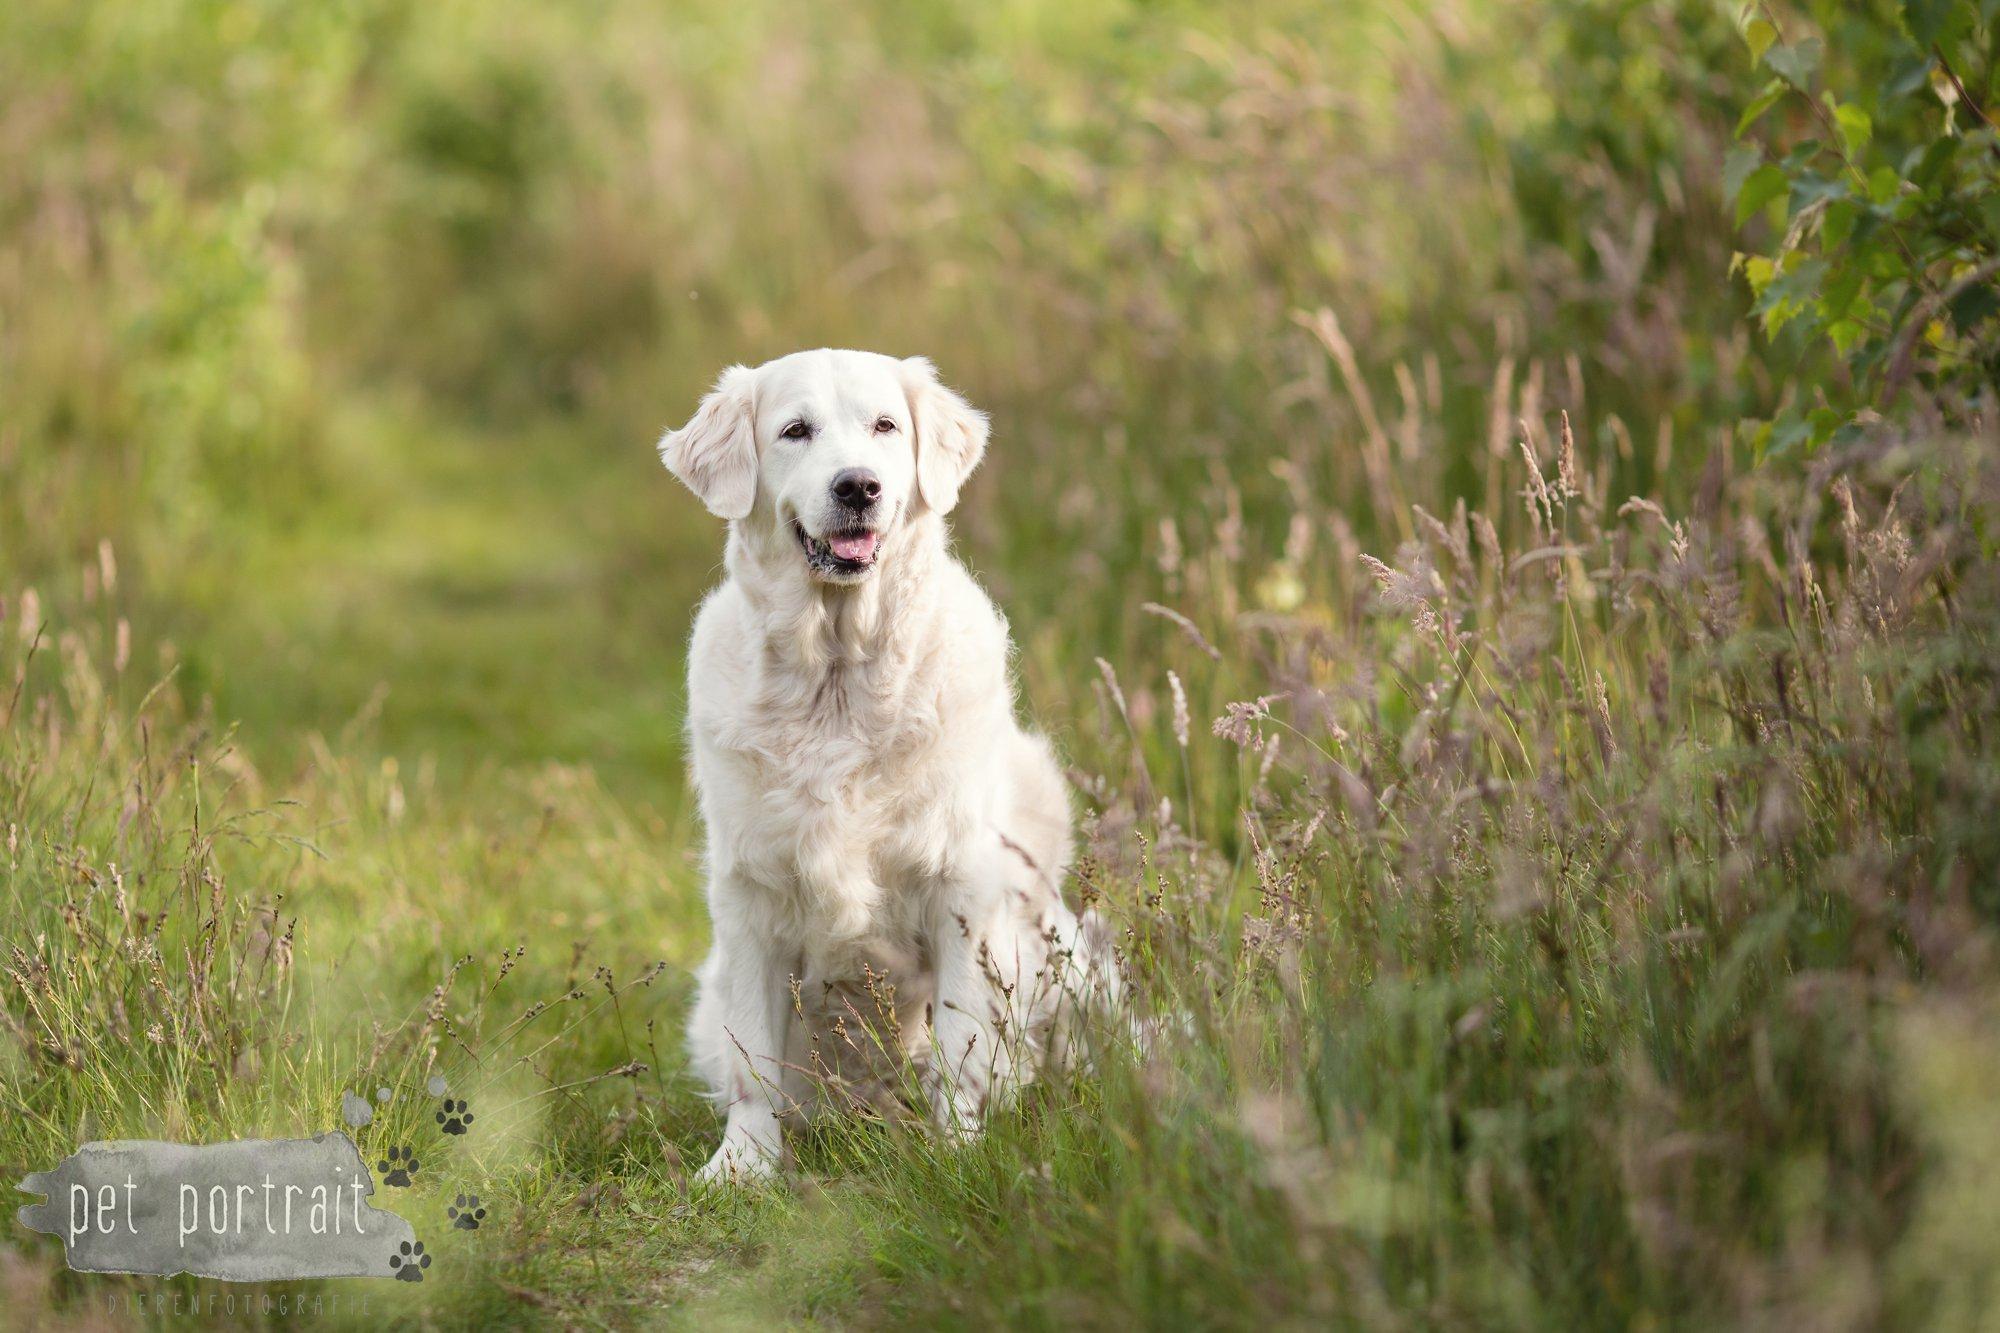 Hondenfotograaf Soest - Dier en Baasje fotoshoot in de Soesterduinen-1